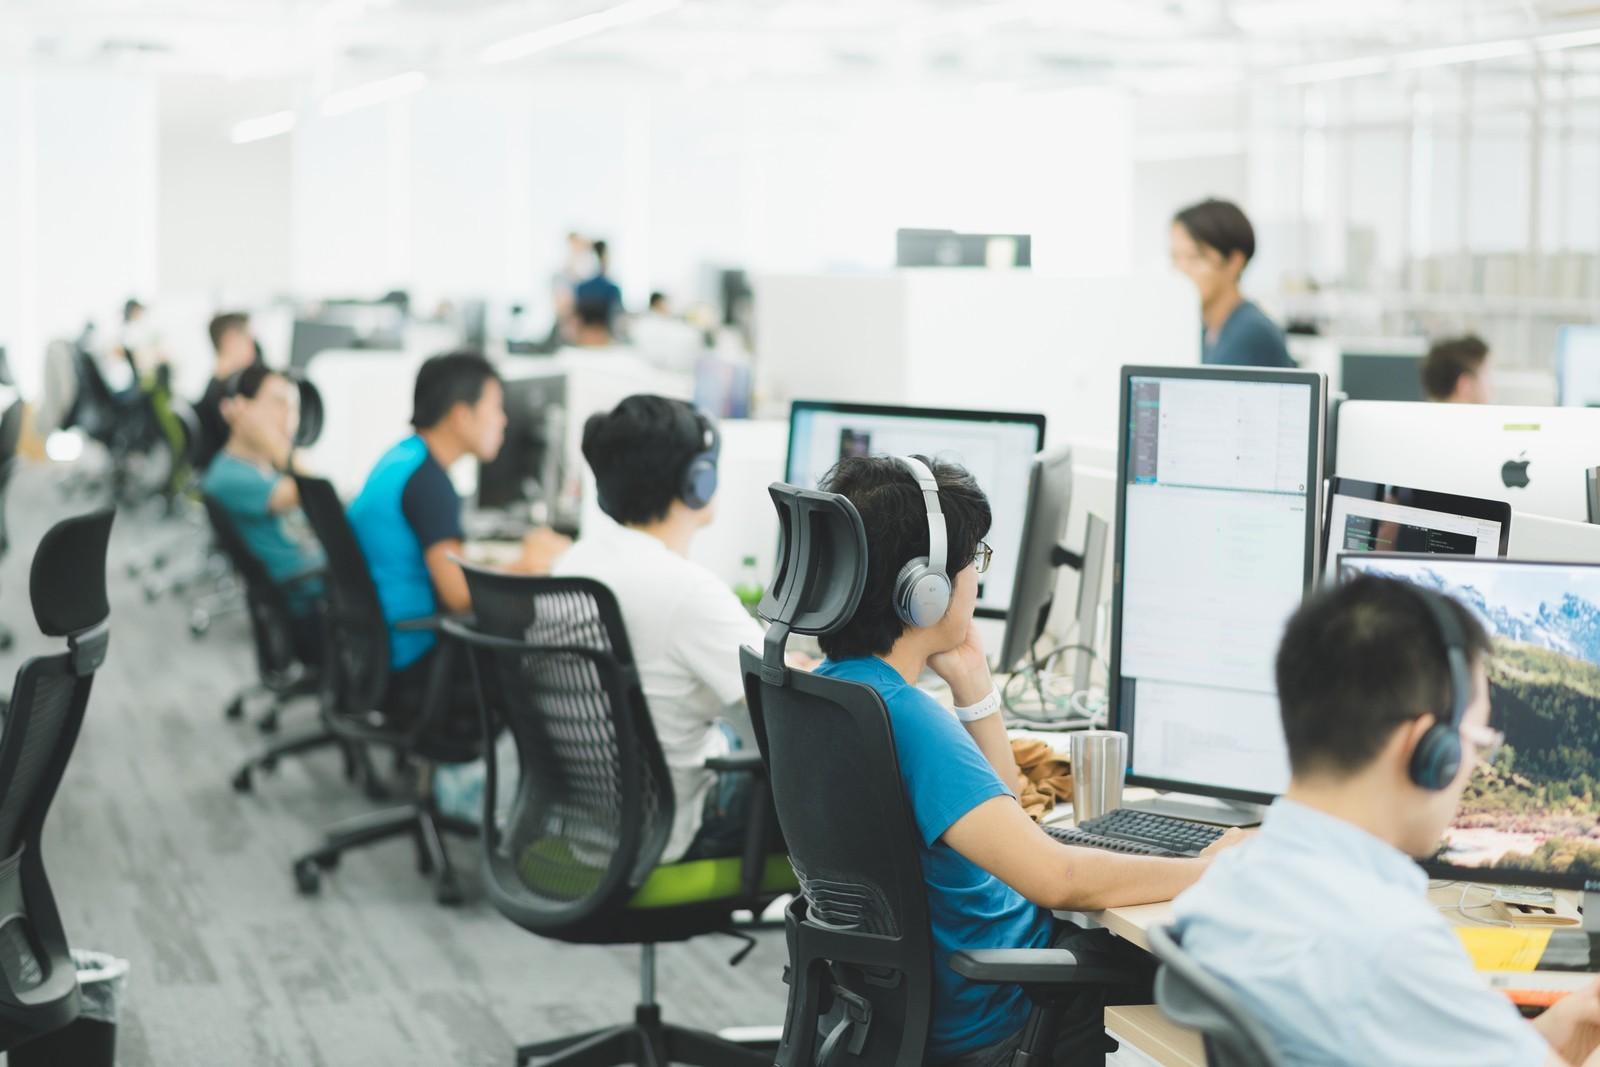 【フロントエンドエンジニア】LINEグループ新会社のエンジニア募集!